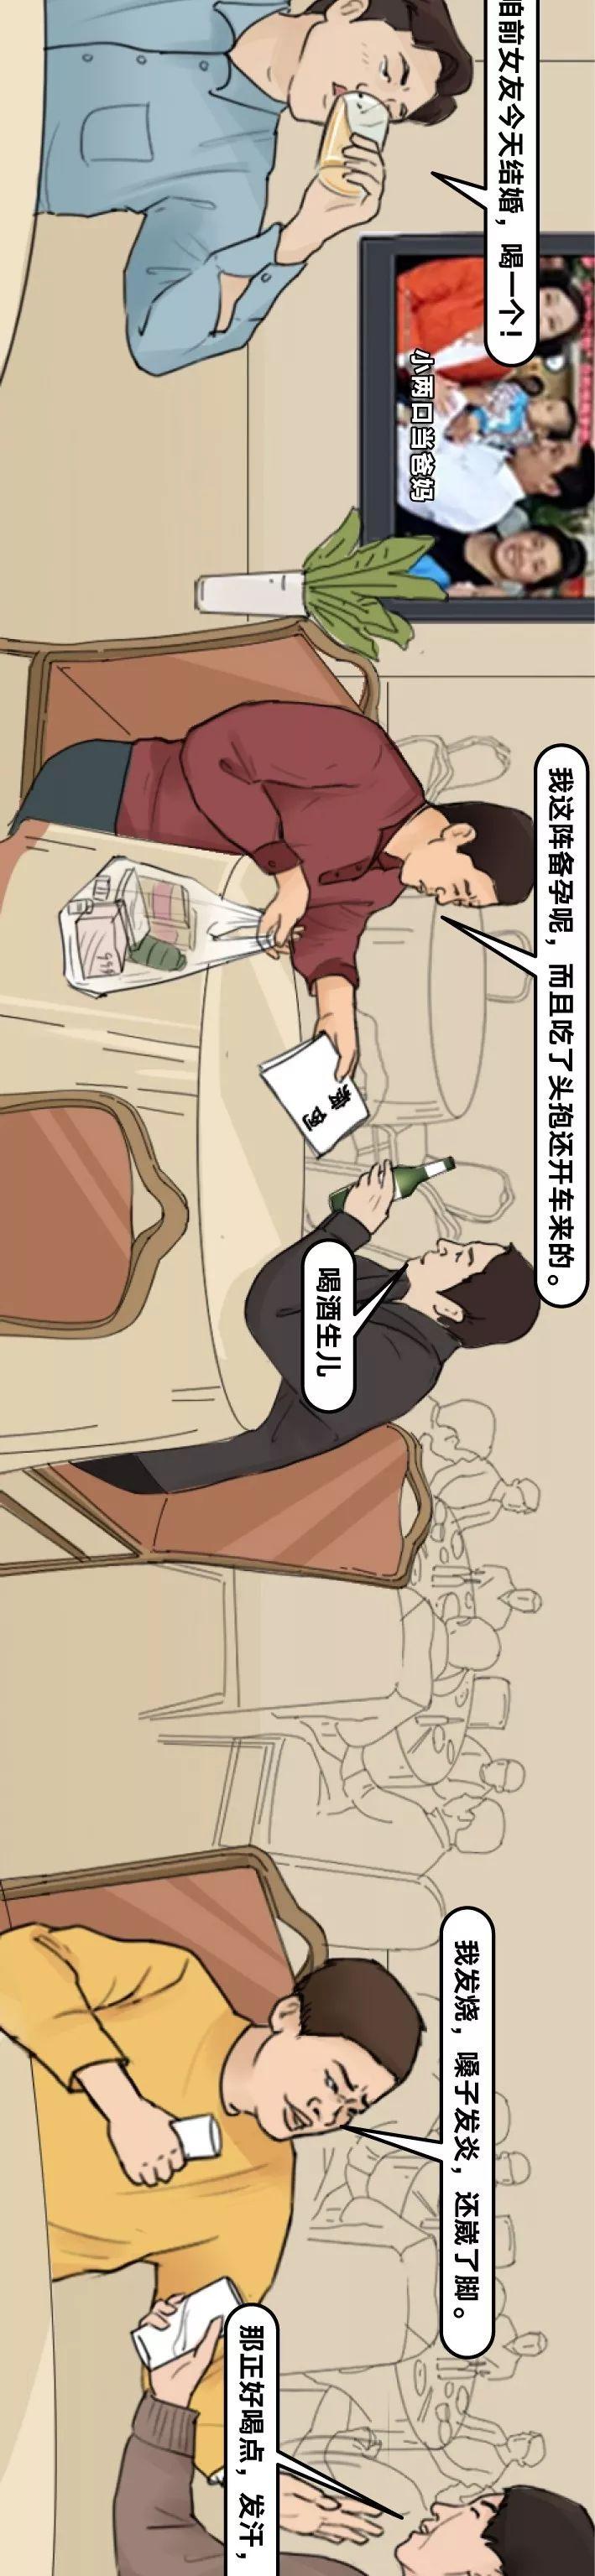 喝酒,山东人,花生米,测试,让你 山东人喝酒图鉴,6大规矩你知道吗? 中国酒业第一论坛